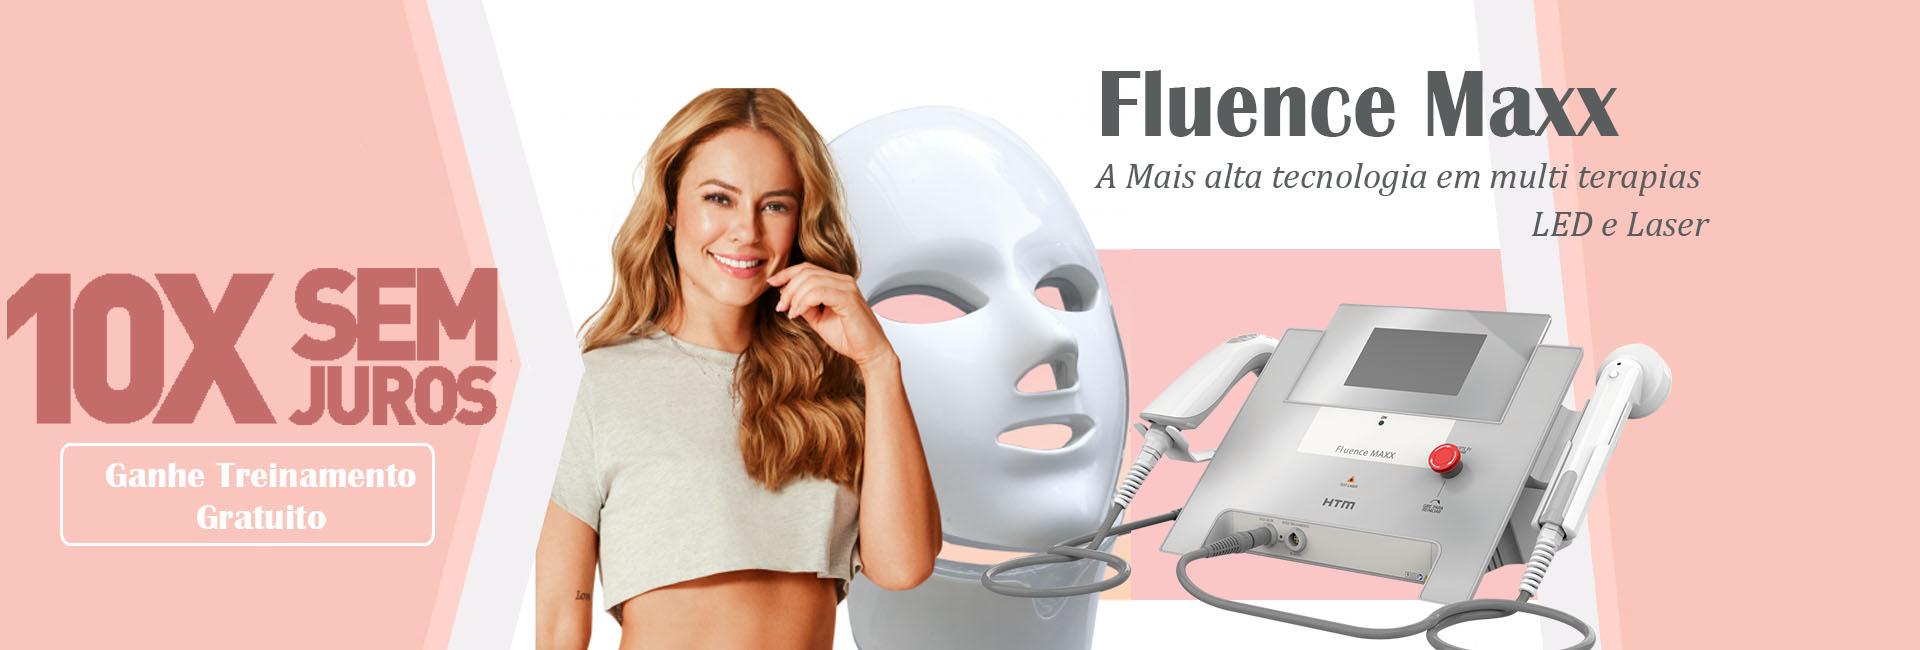 banner-fluence-Maxx